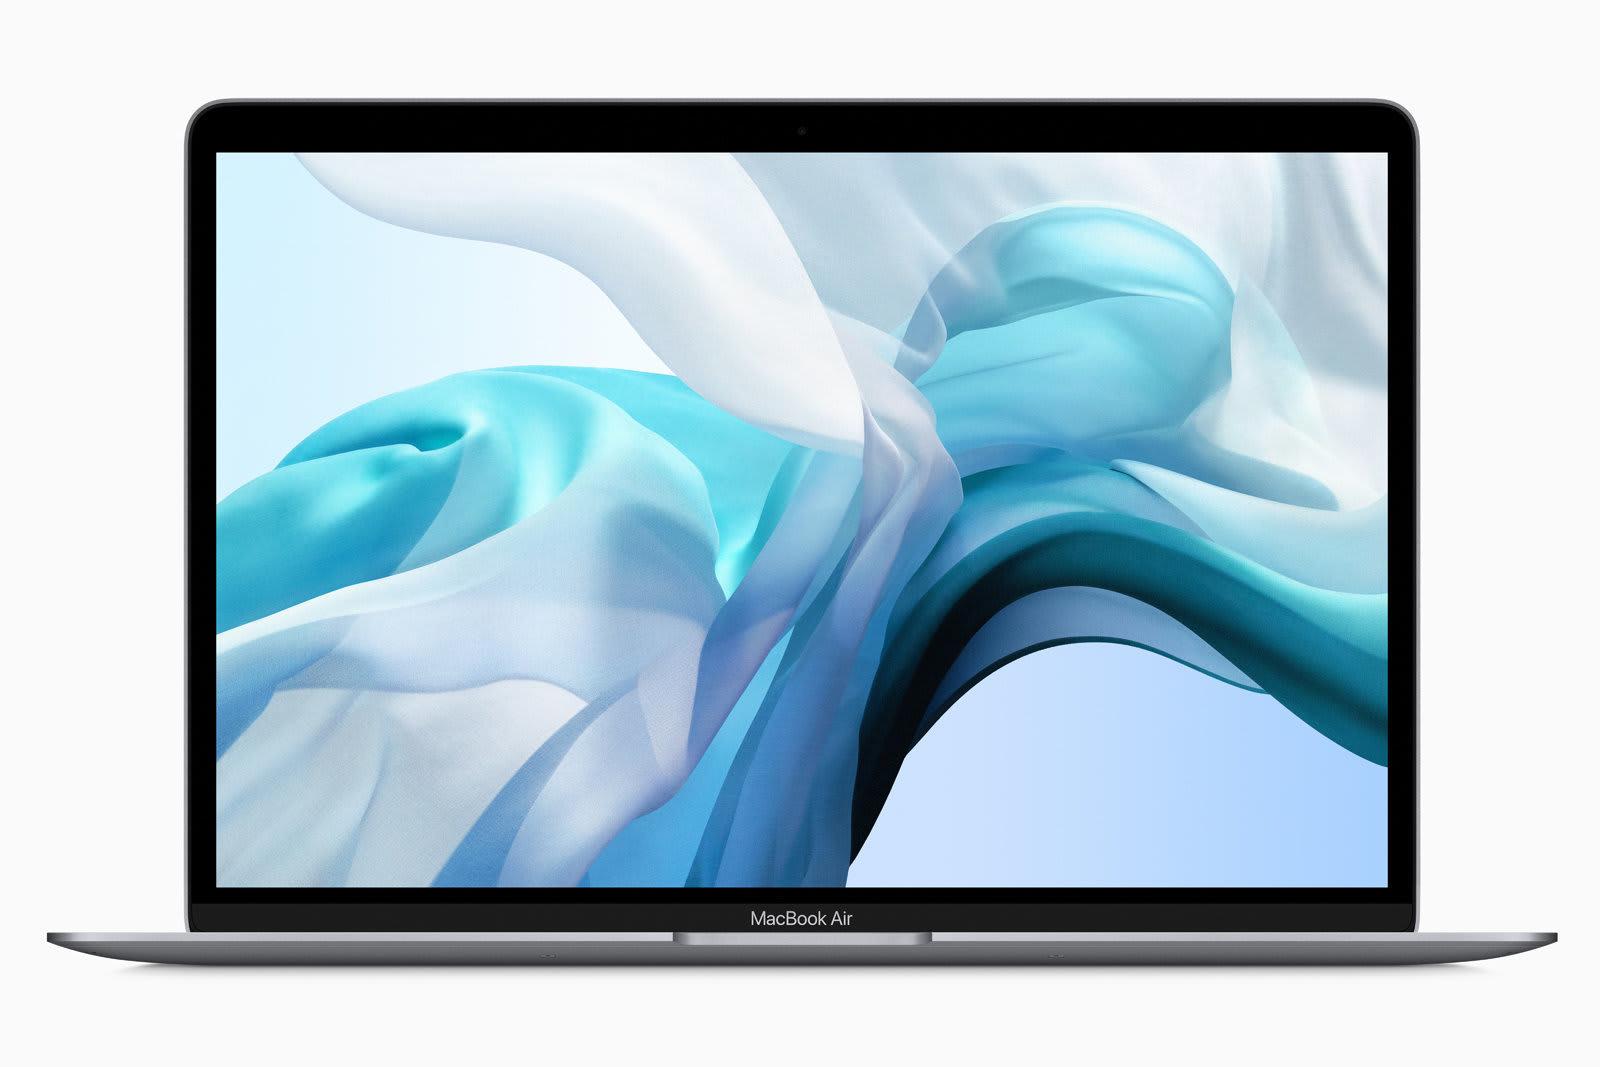 《苹果更新 13 寸 MacBook Pro,给 Air 降价,同时还与 MacBook 告别》